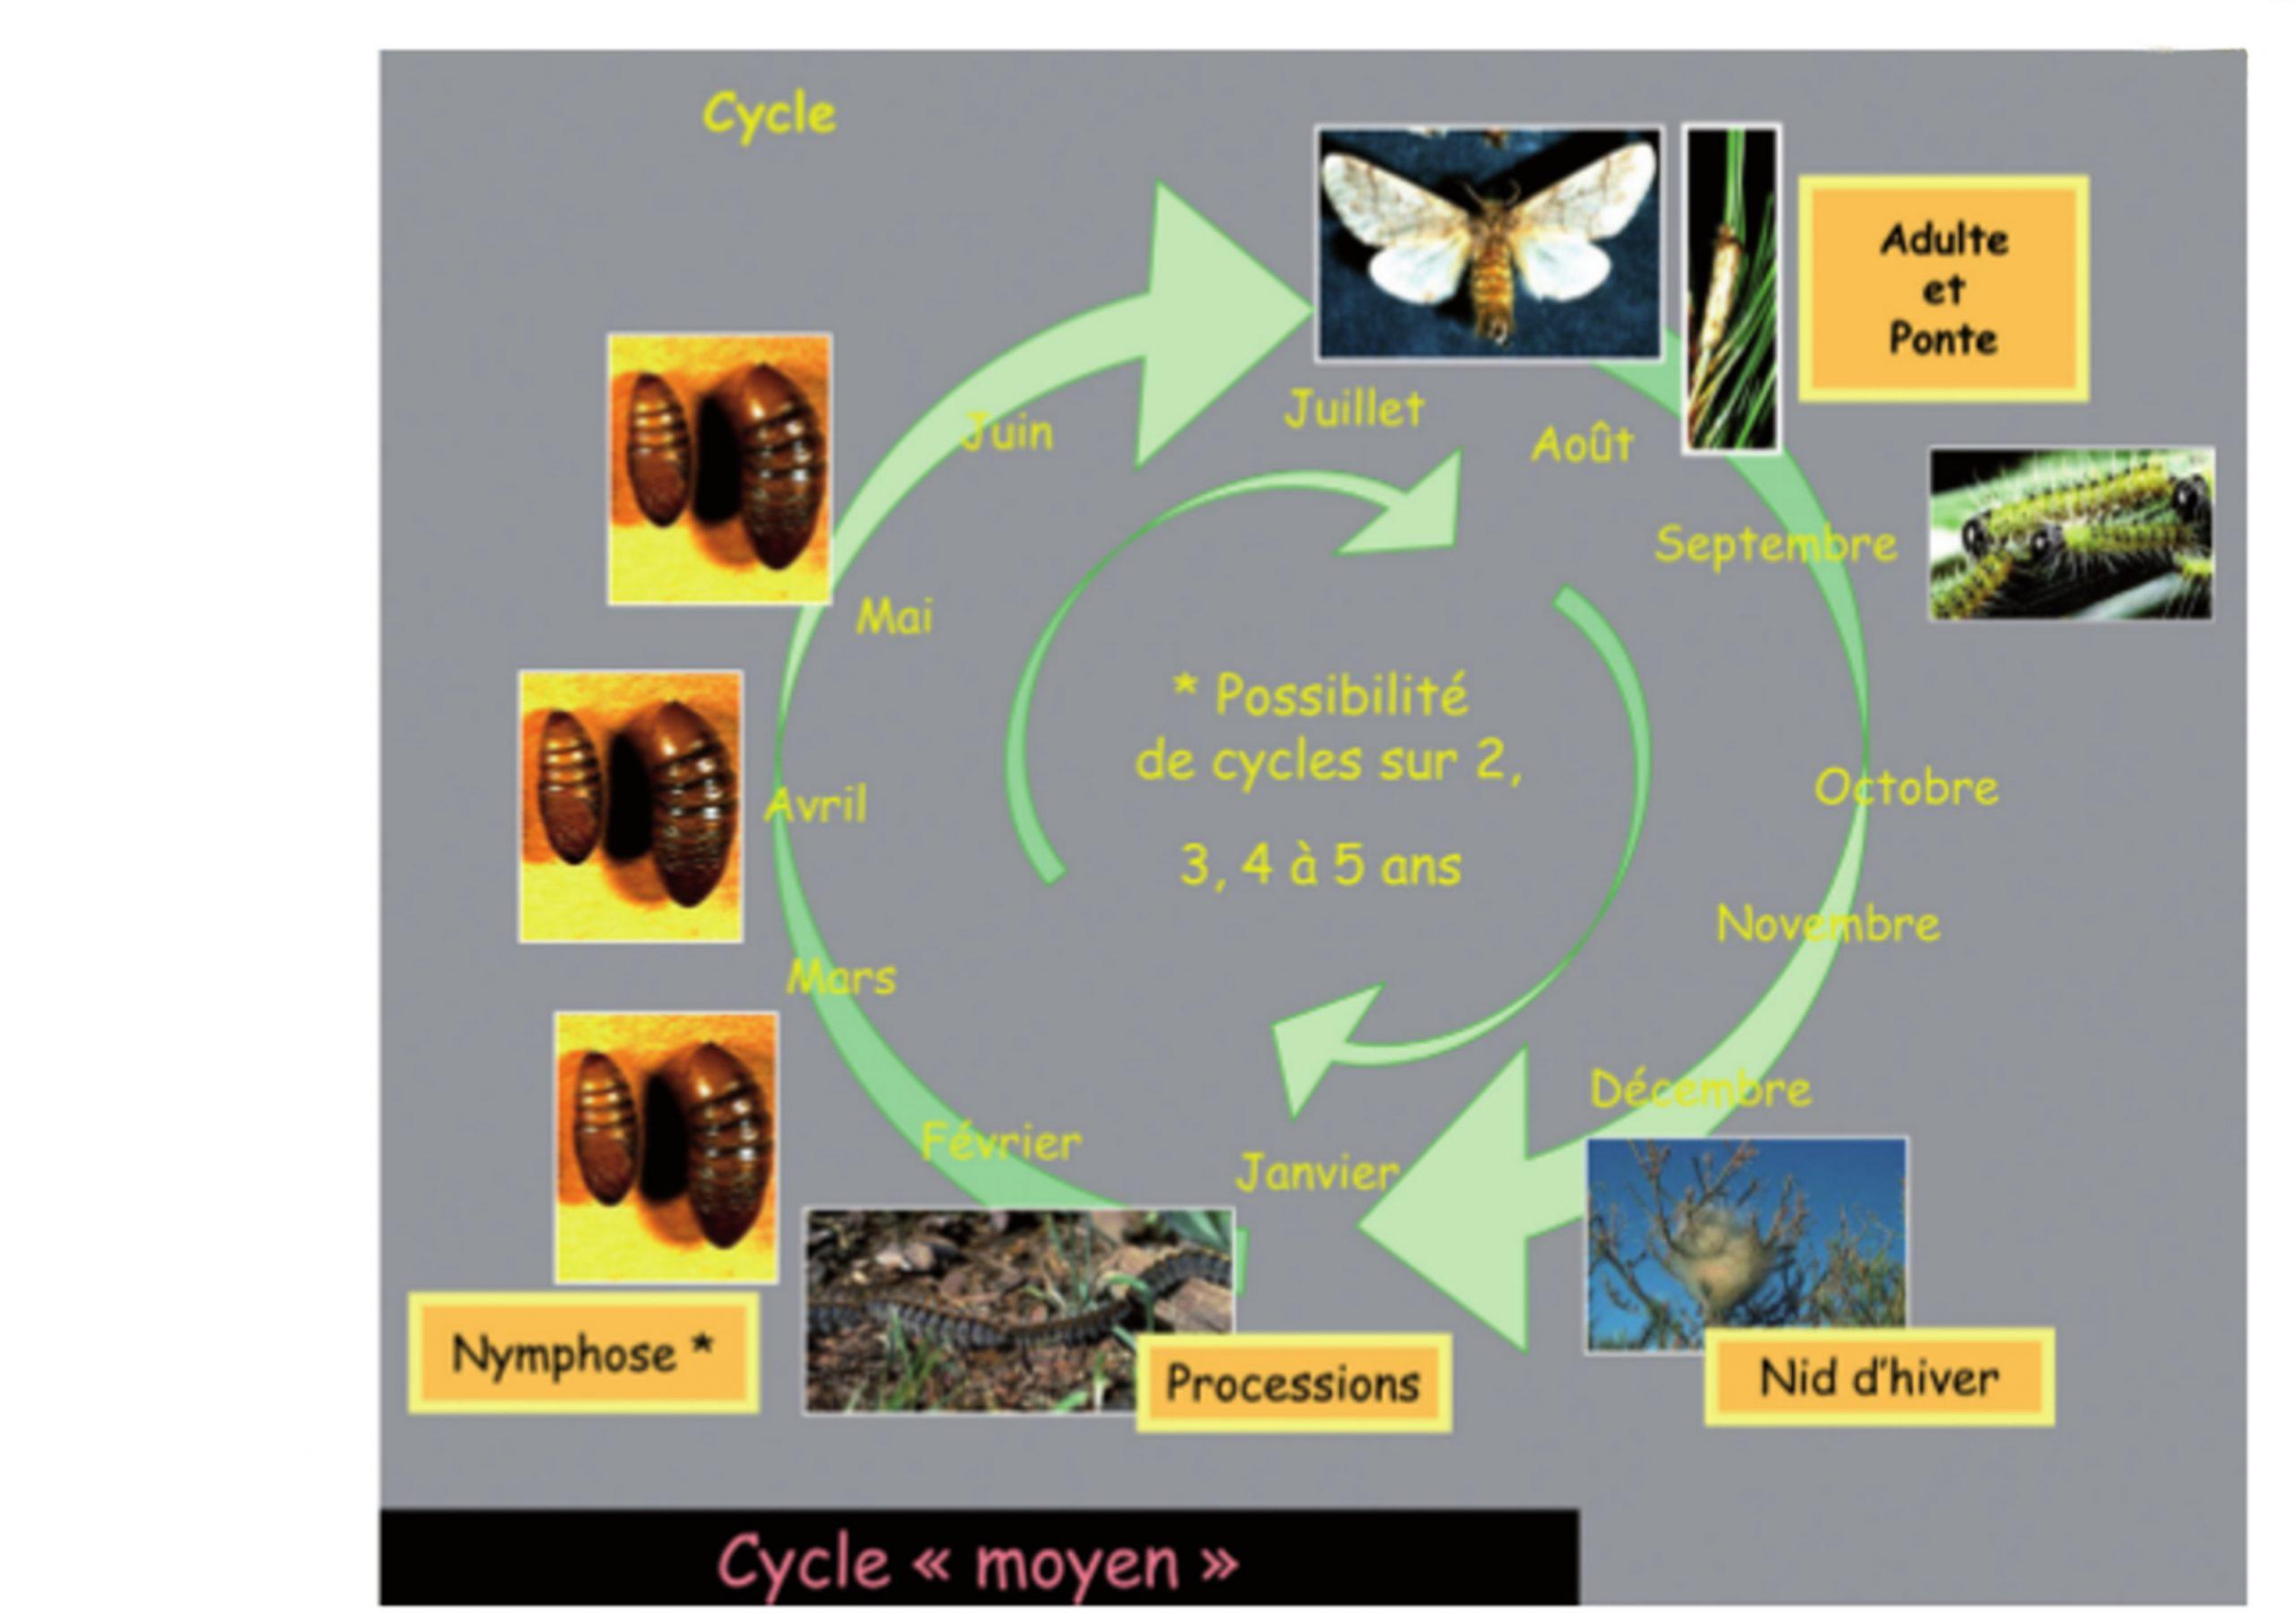 Processionnaire Du Pin - Maladie Arboricole concernant Cycle De Vie D Une Chenille